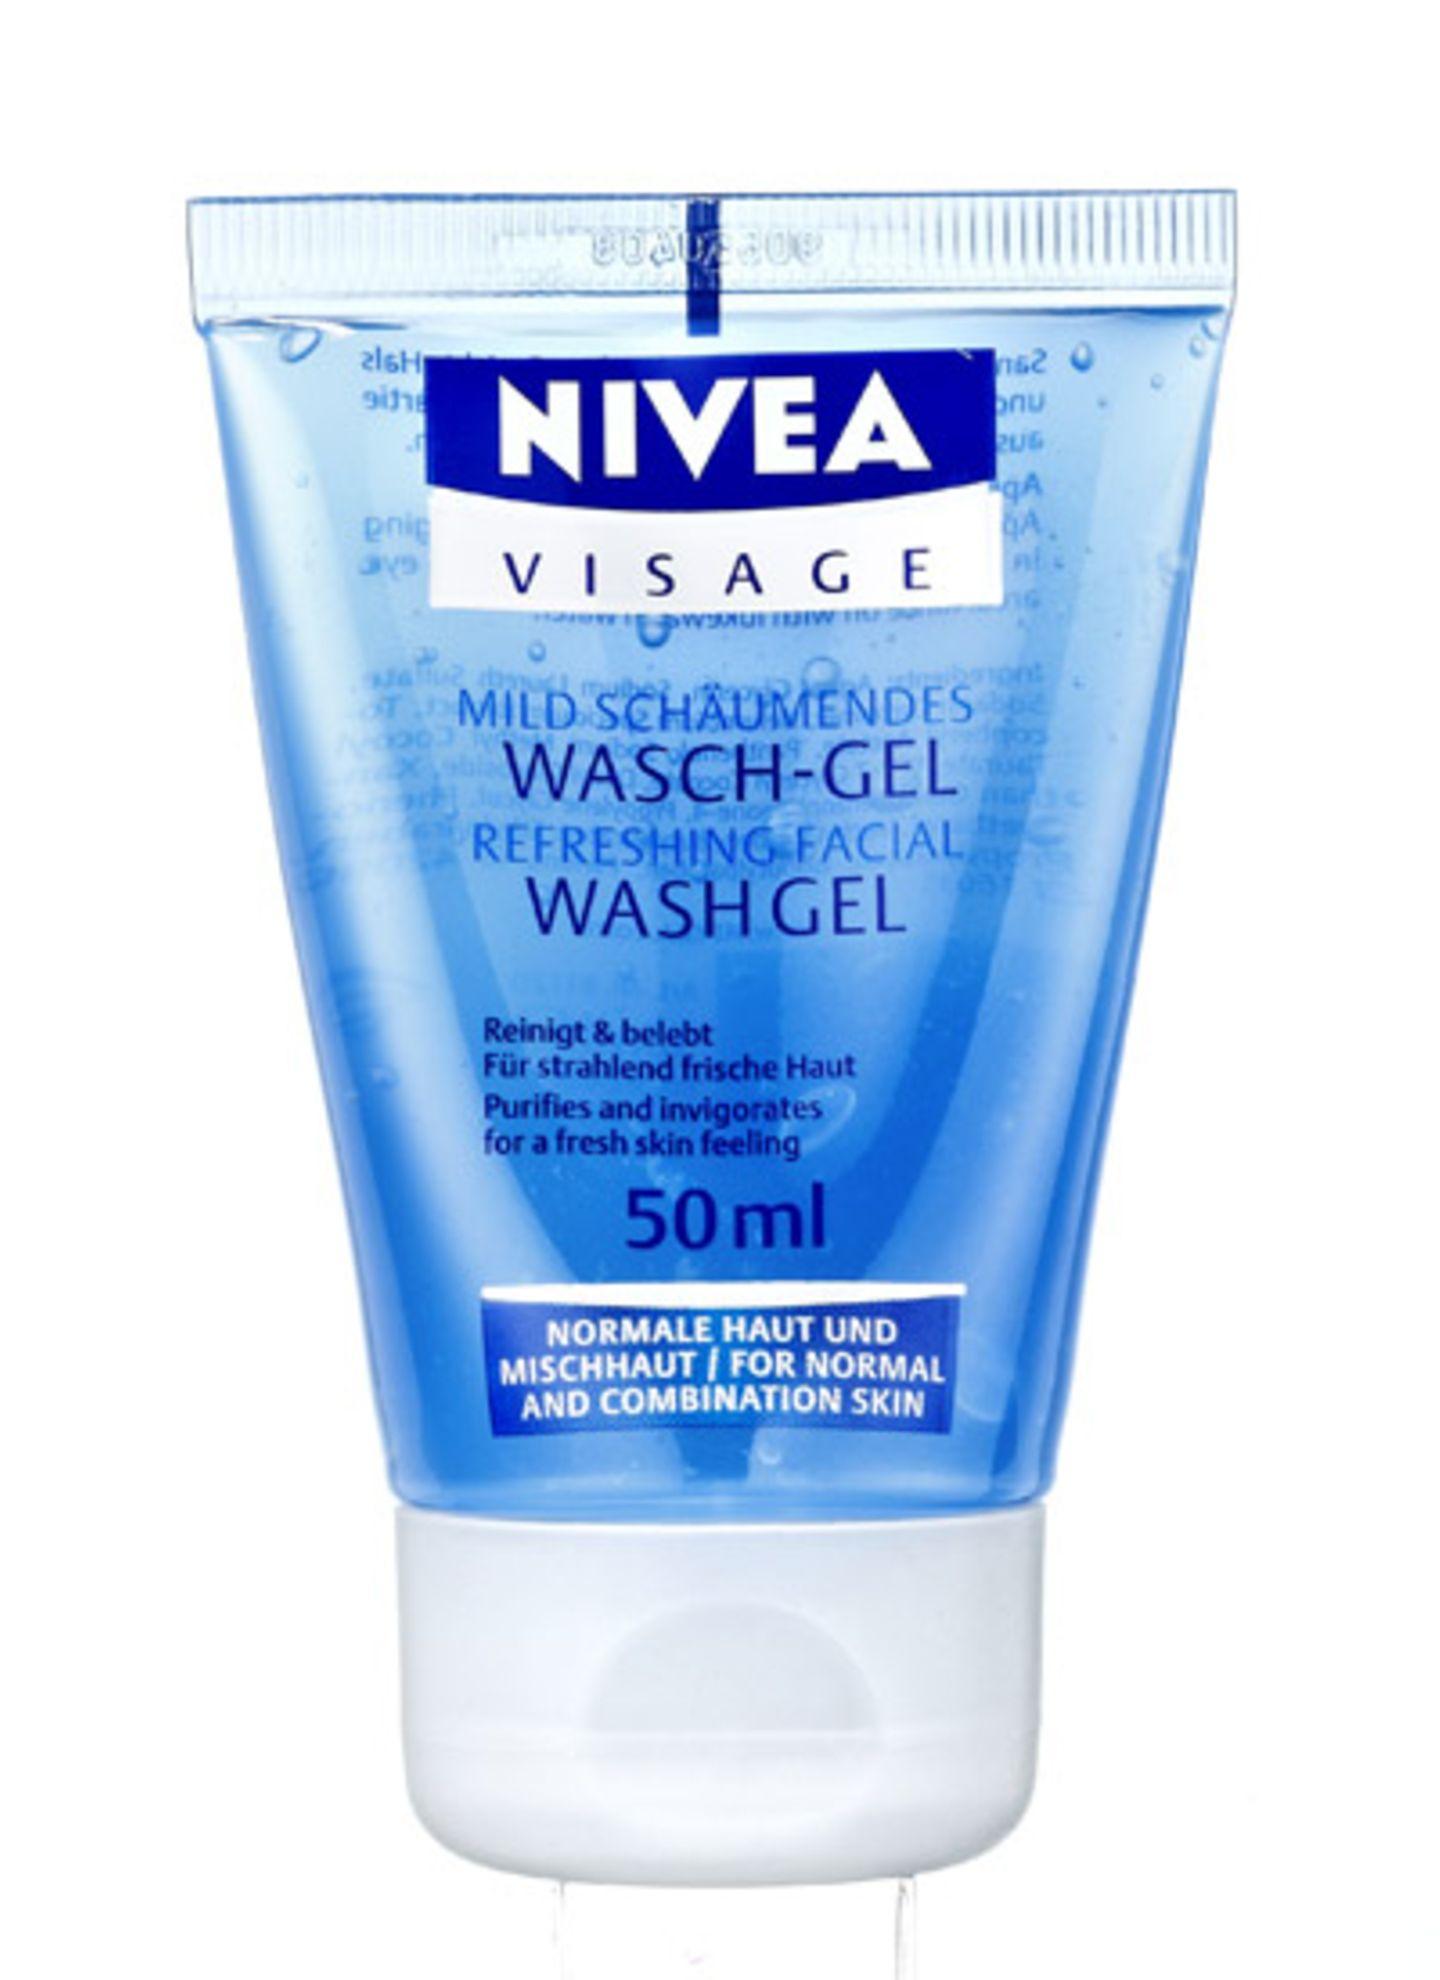 """Erfrischt und reinigt porentief: """"Wasch- Gel"""" von Nivea, 50 ml, ca. 1,30 Euro"""